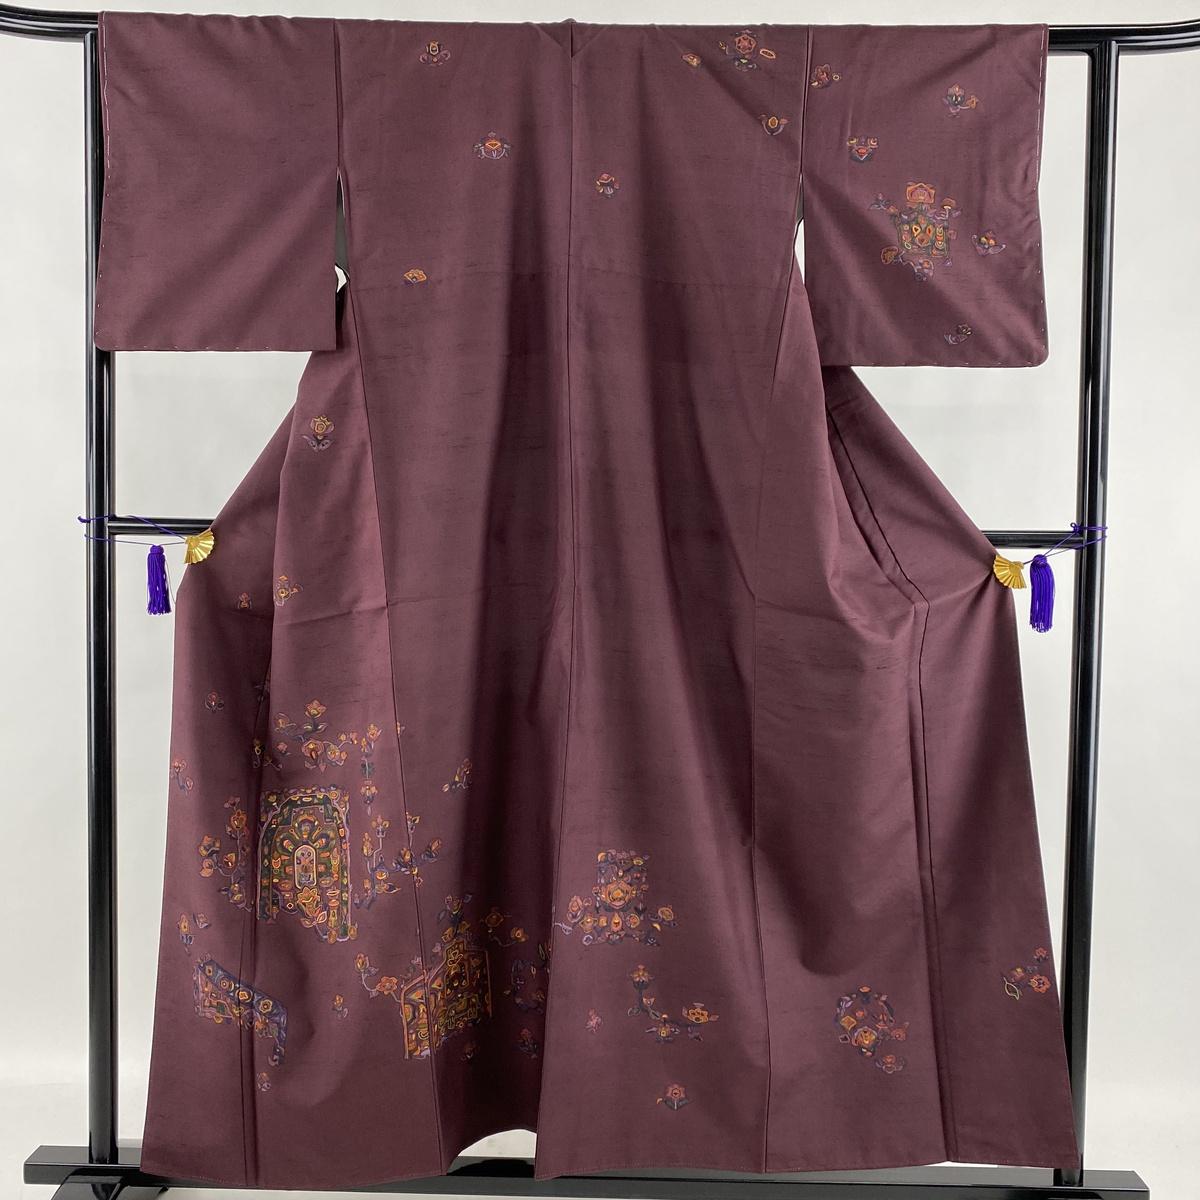 ランクS 100%品質保証! 着物 リサイクル 送料無料 訪問着 美品 秀品 紬地 草花 正絹 157cm 新品 幾何学 袷 S 中古 61.5cm 刺繍 紫